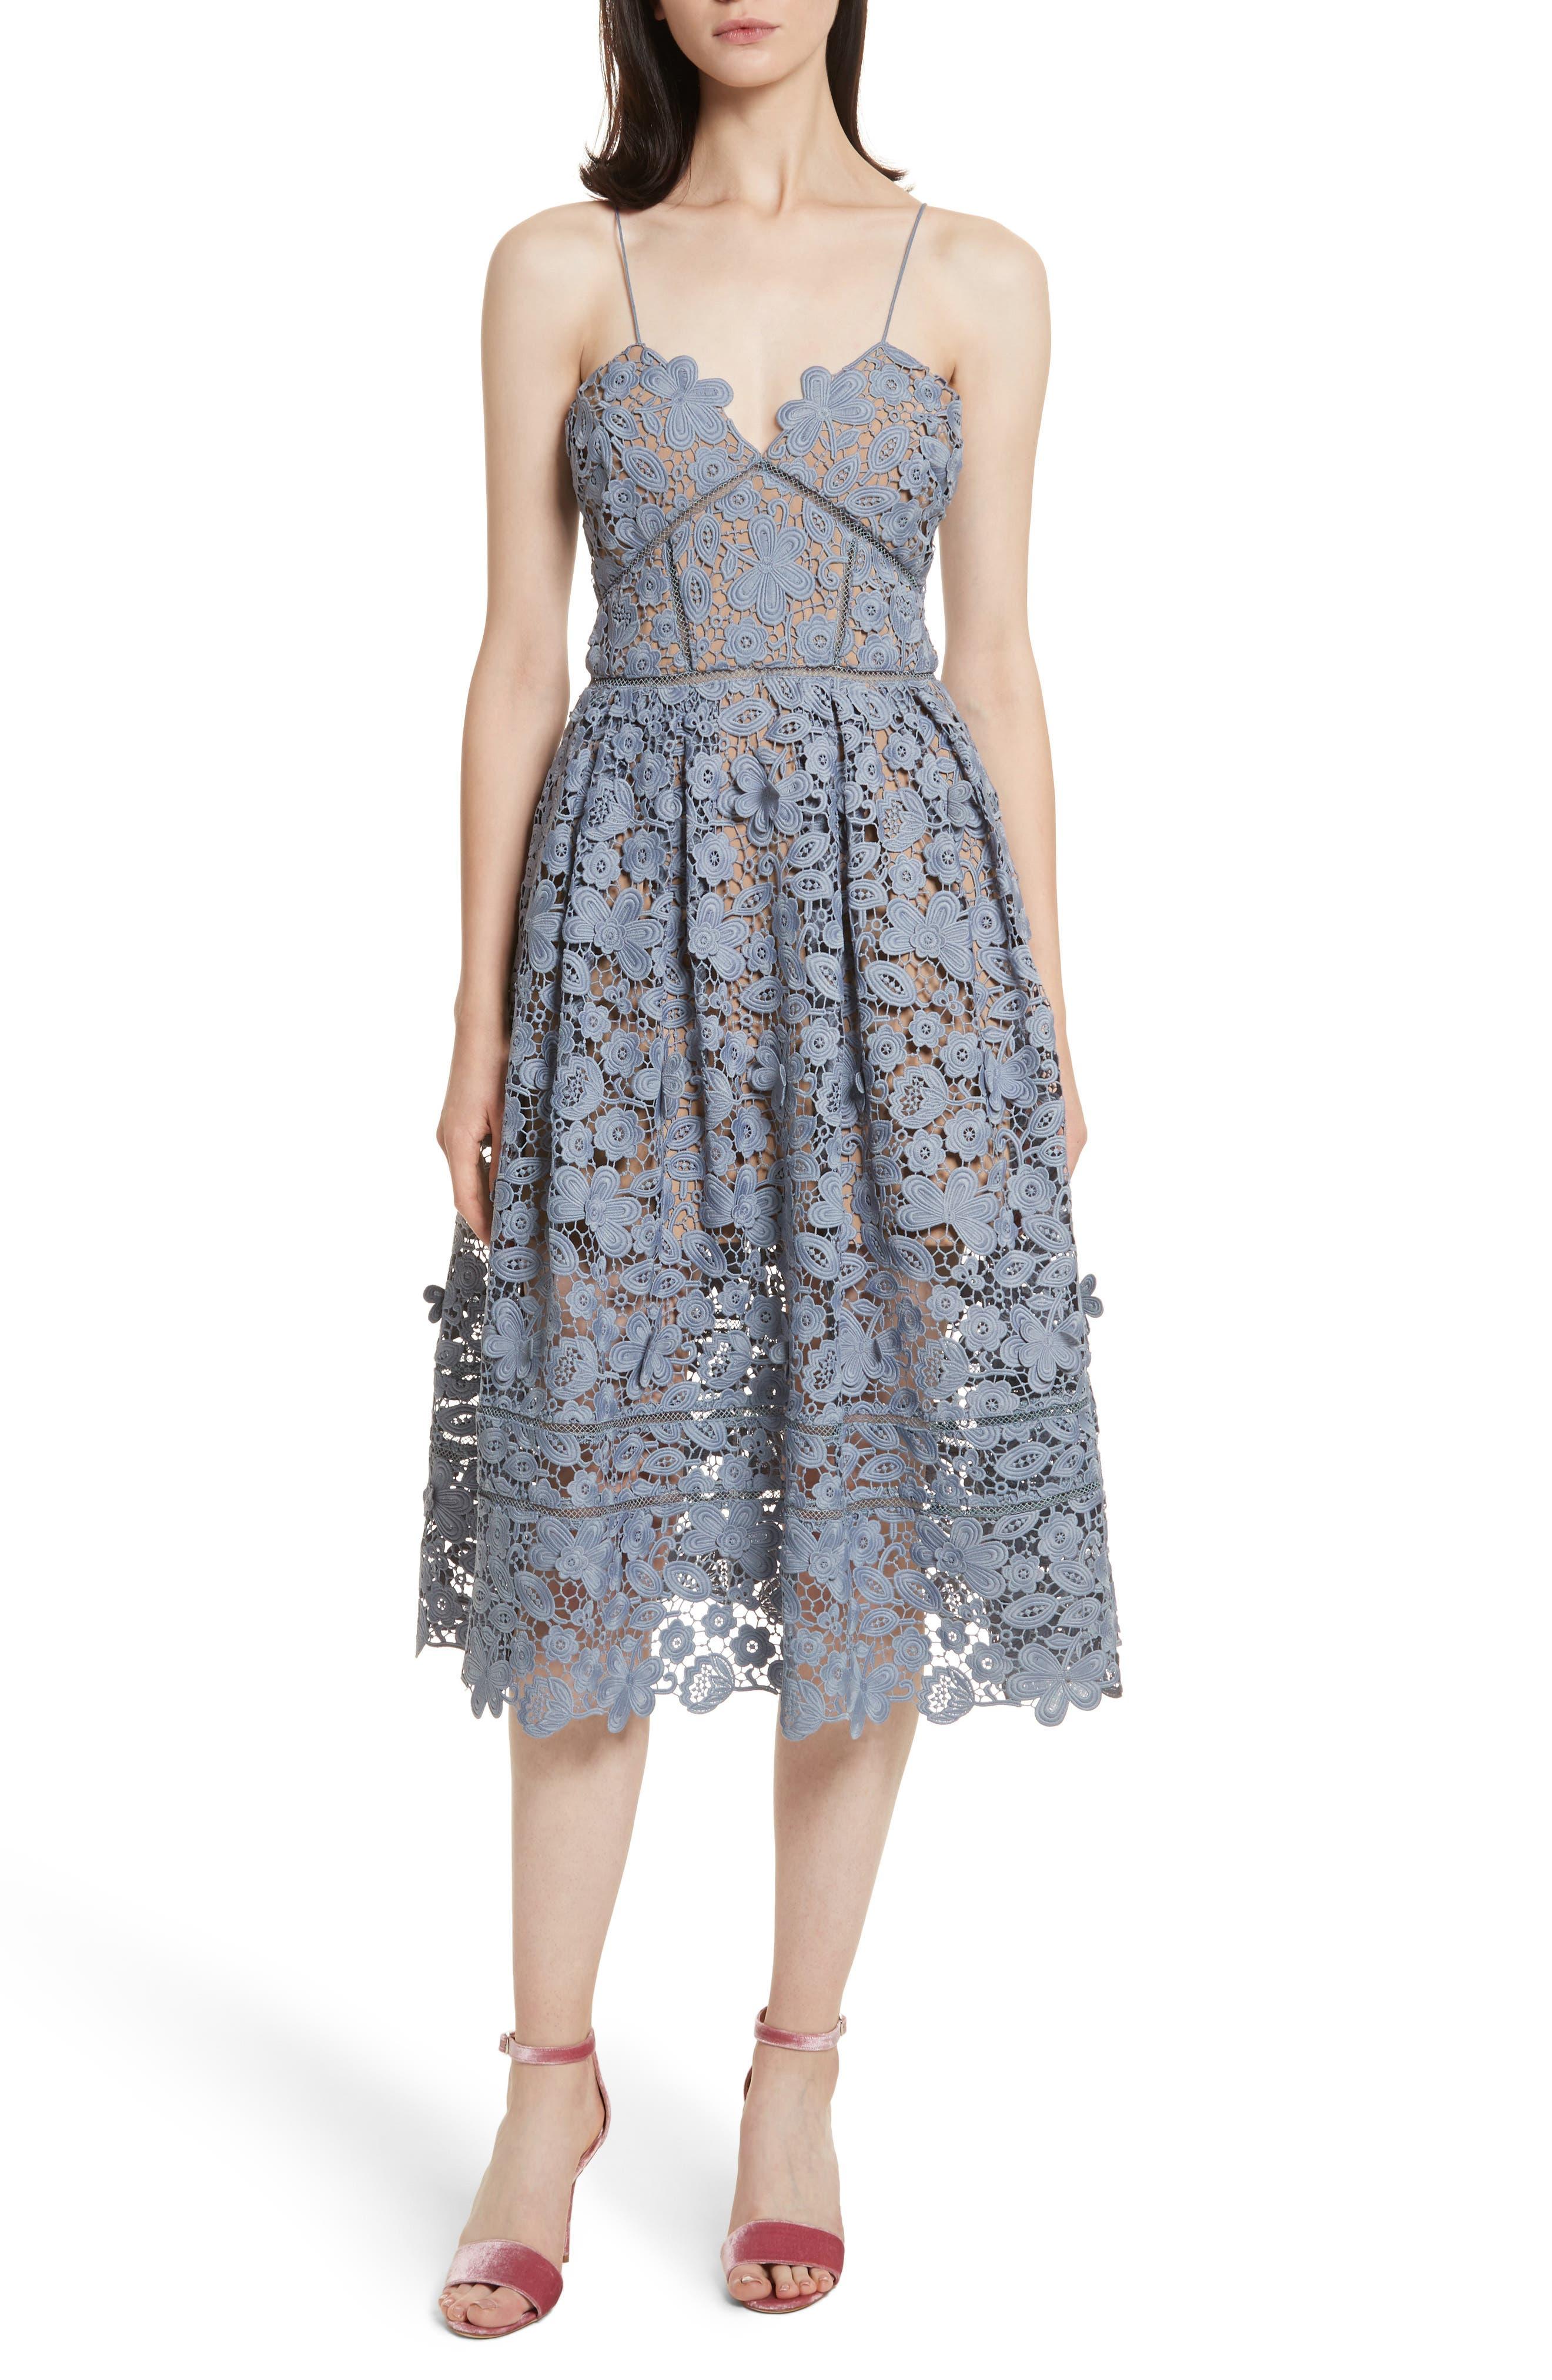 Main Image - Self-Portrait Azaelea 3D Lace Fit & Flare Dress